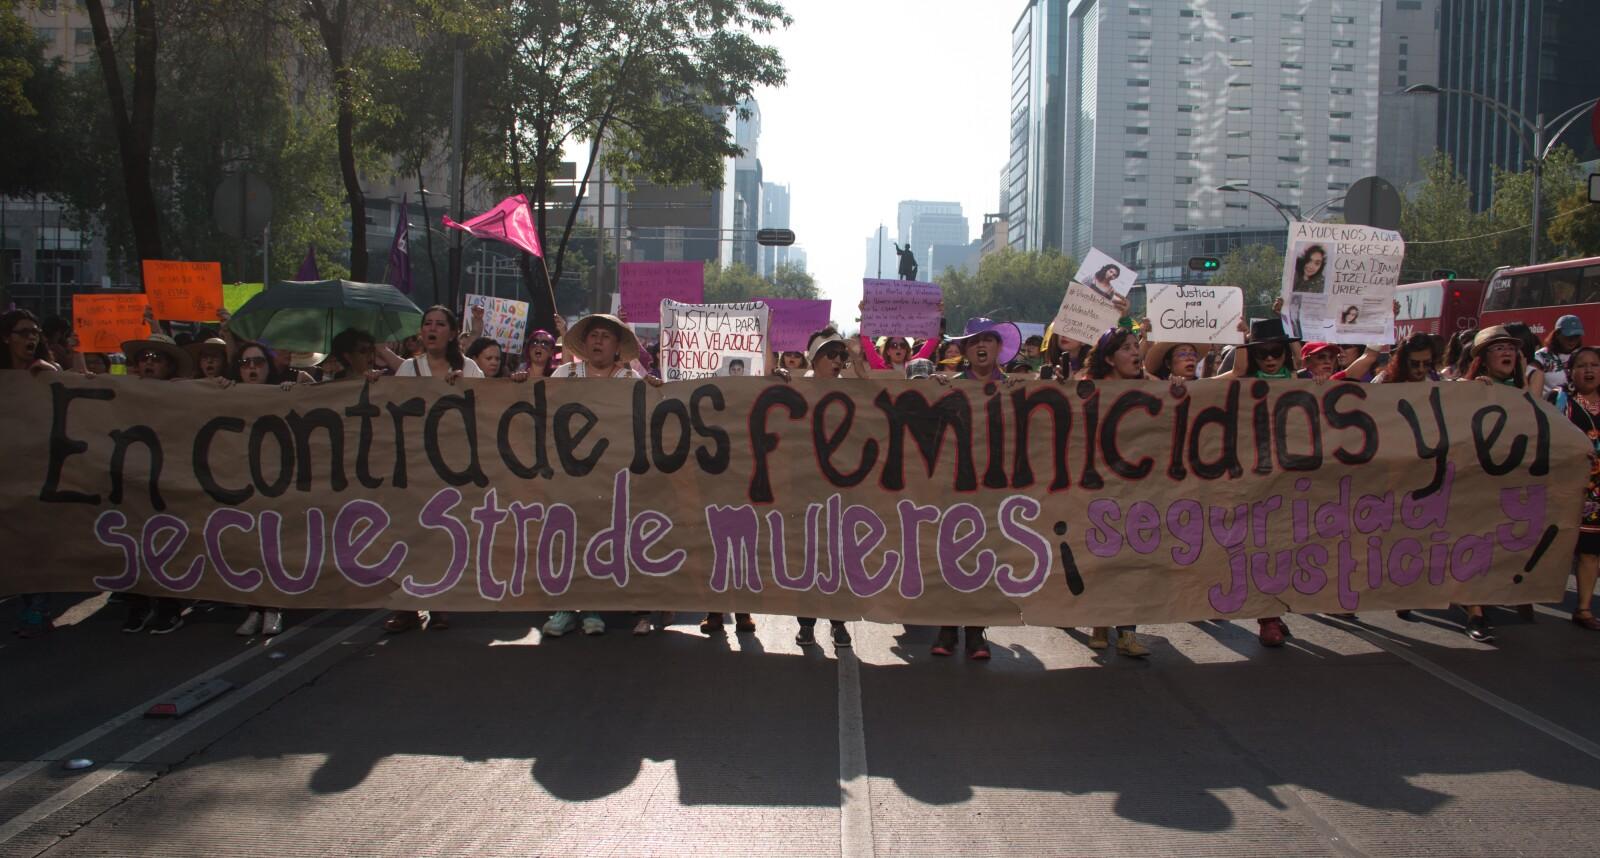 Contra los feminicidios y los secuestros.